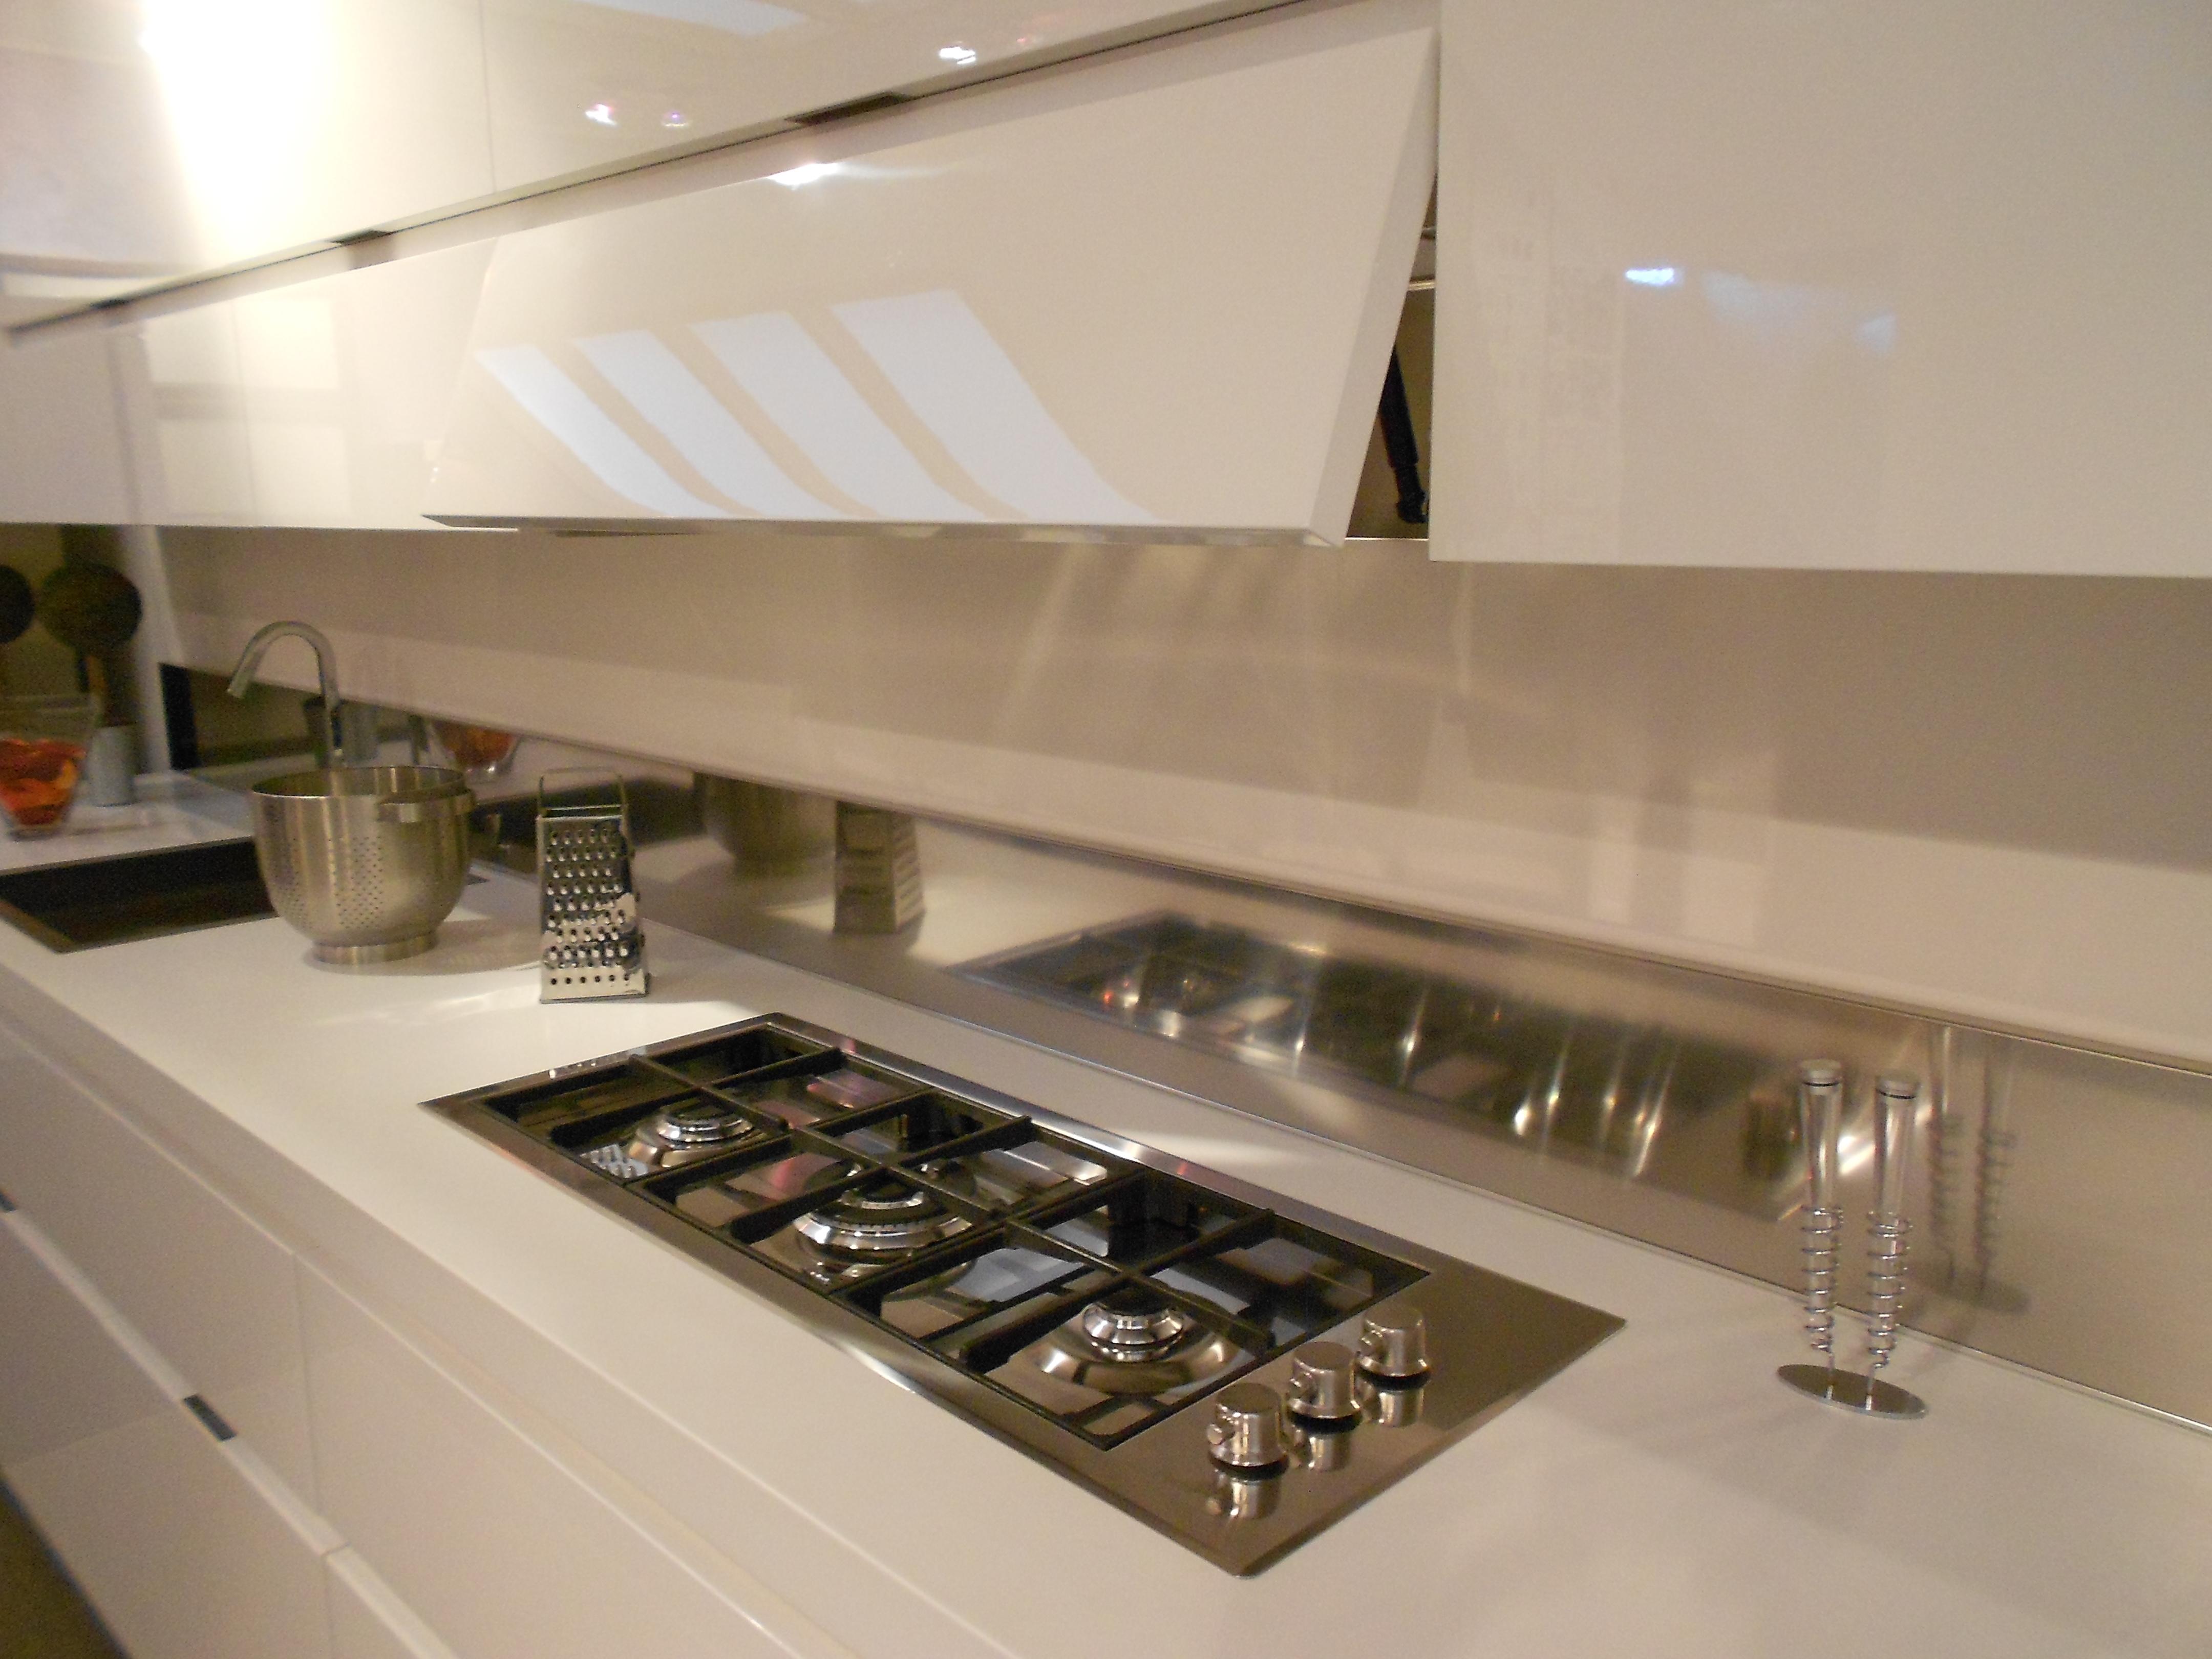 Cucina elektra scontata cucine a prezzi scontati - Schiffini cucine ...